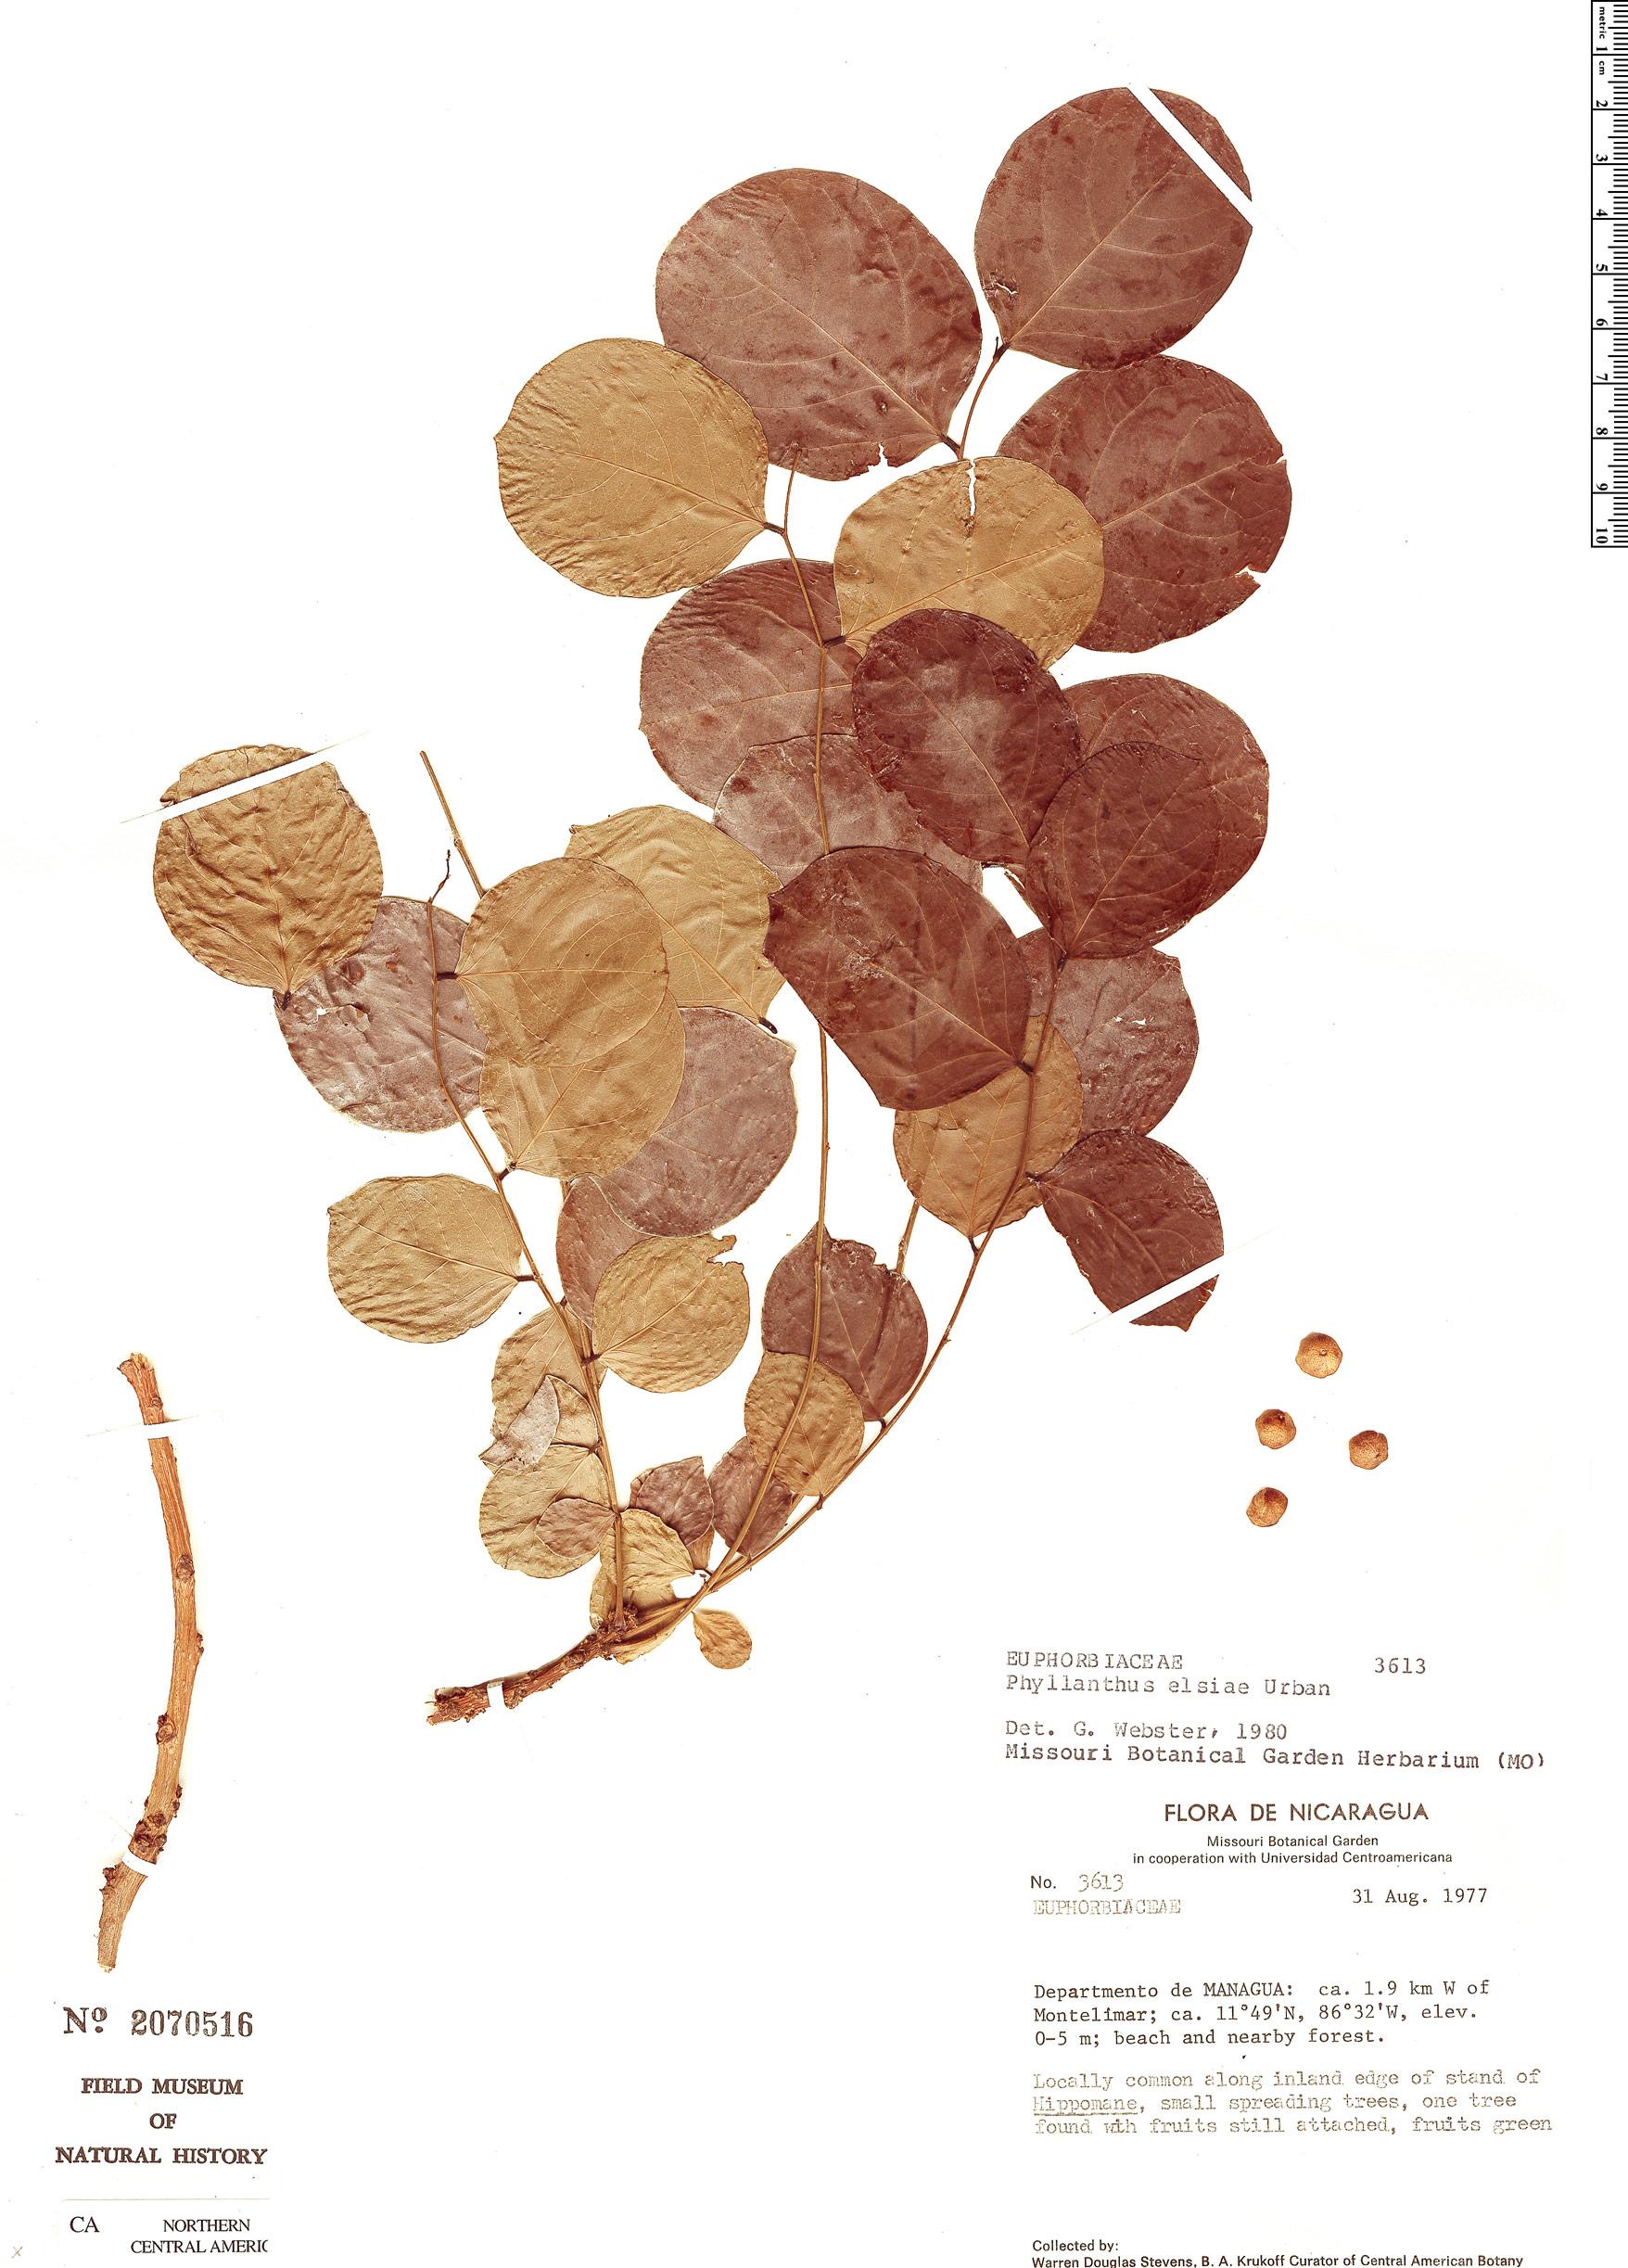 Specimen: Phyllanthus elsiae